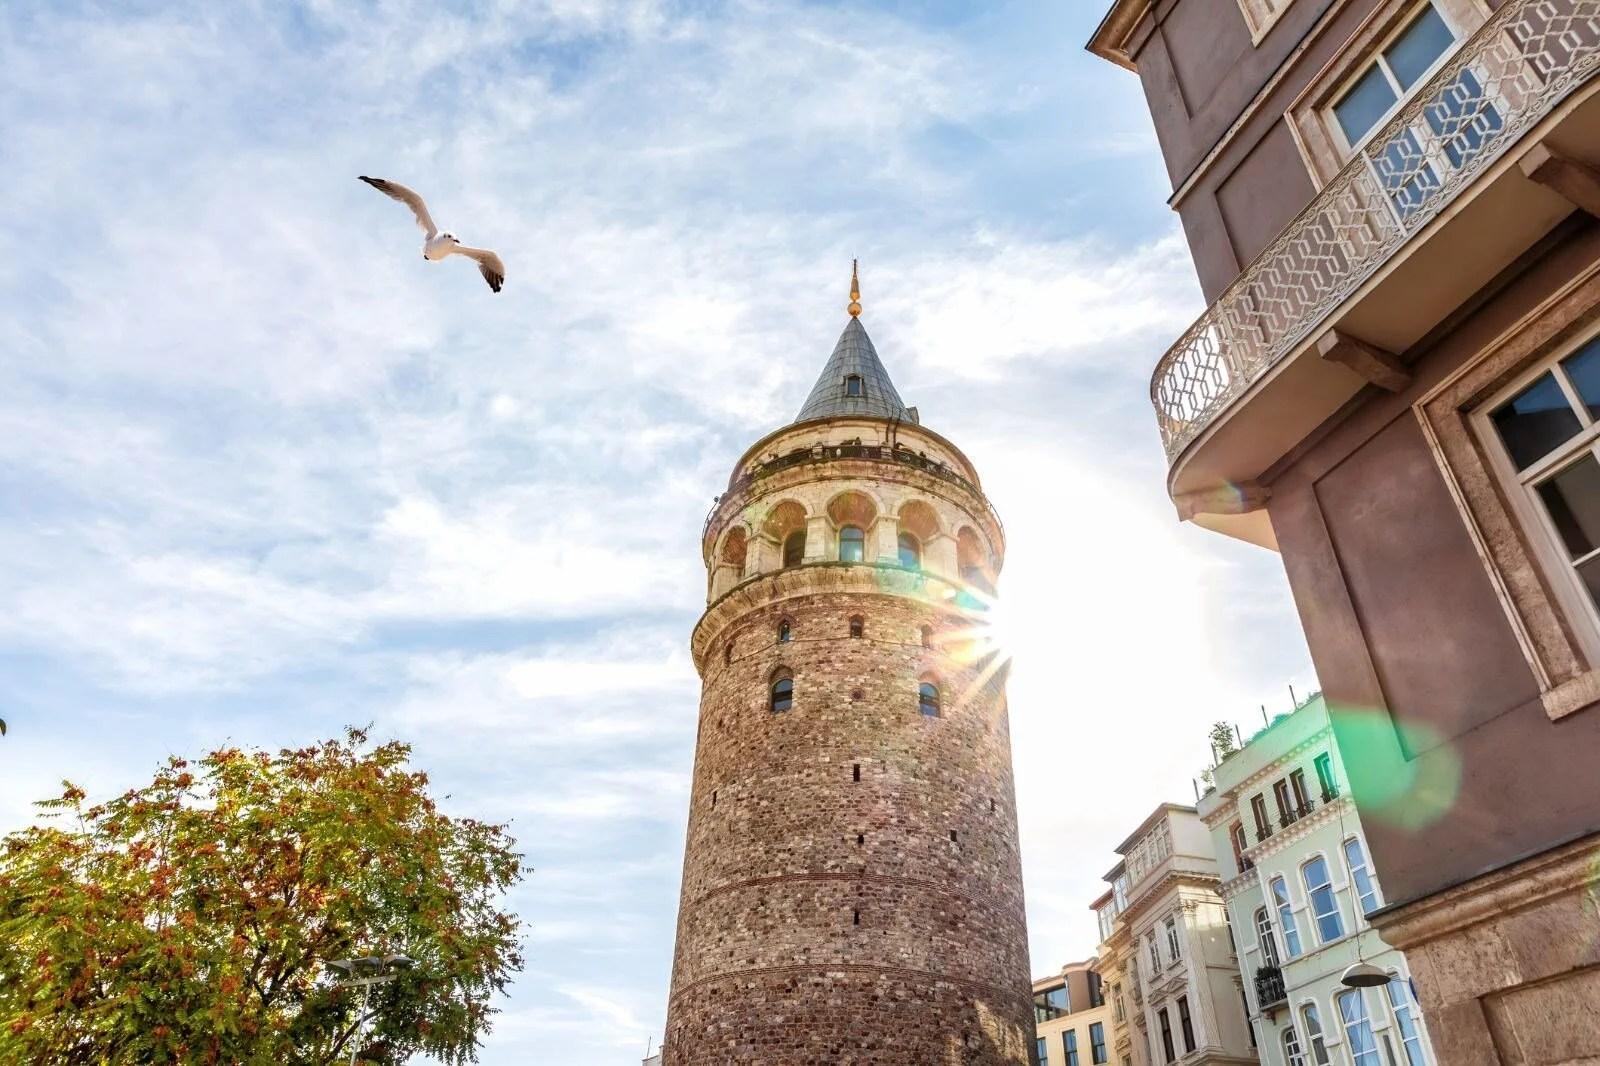 Galata Kulesi tarihi ve hakkında bilinmesi gerekenler (Galata Kulesi nerede, hikayesi nedir, efsaneleri neler, nasıl gidilir ve giriş ücreti ne kadar?) - 5